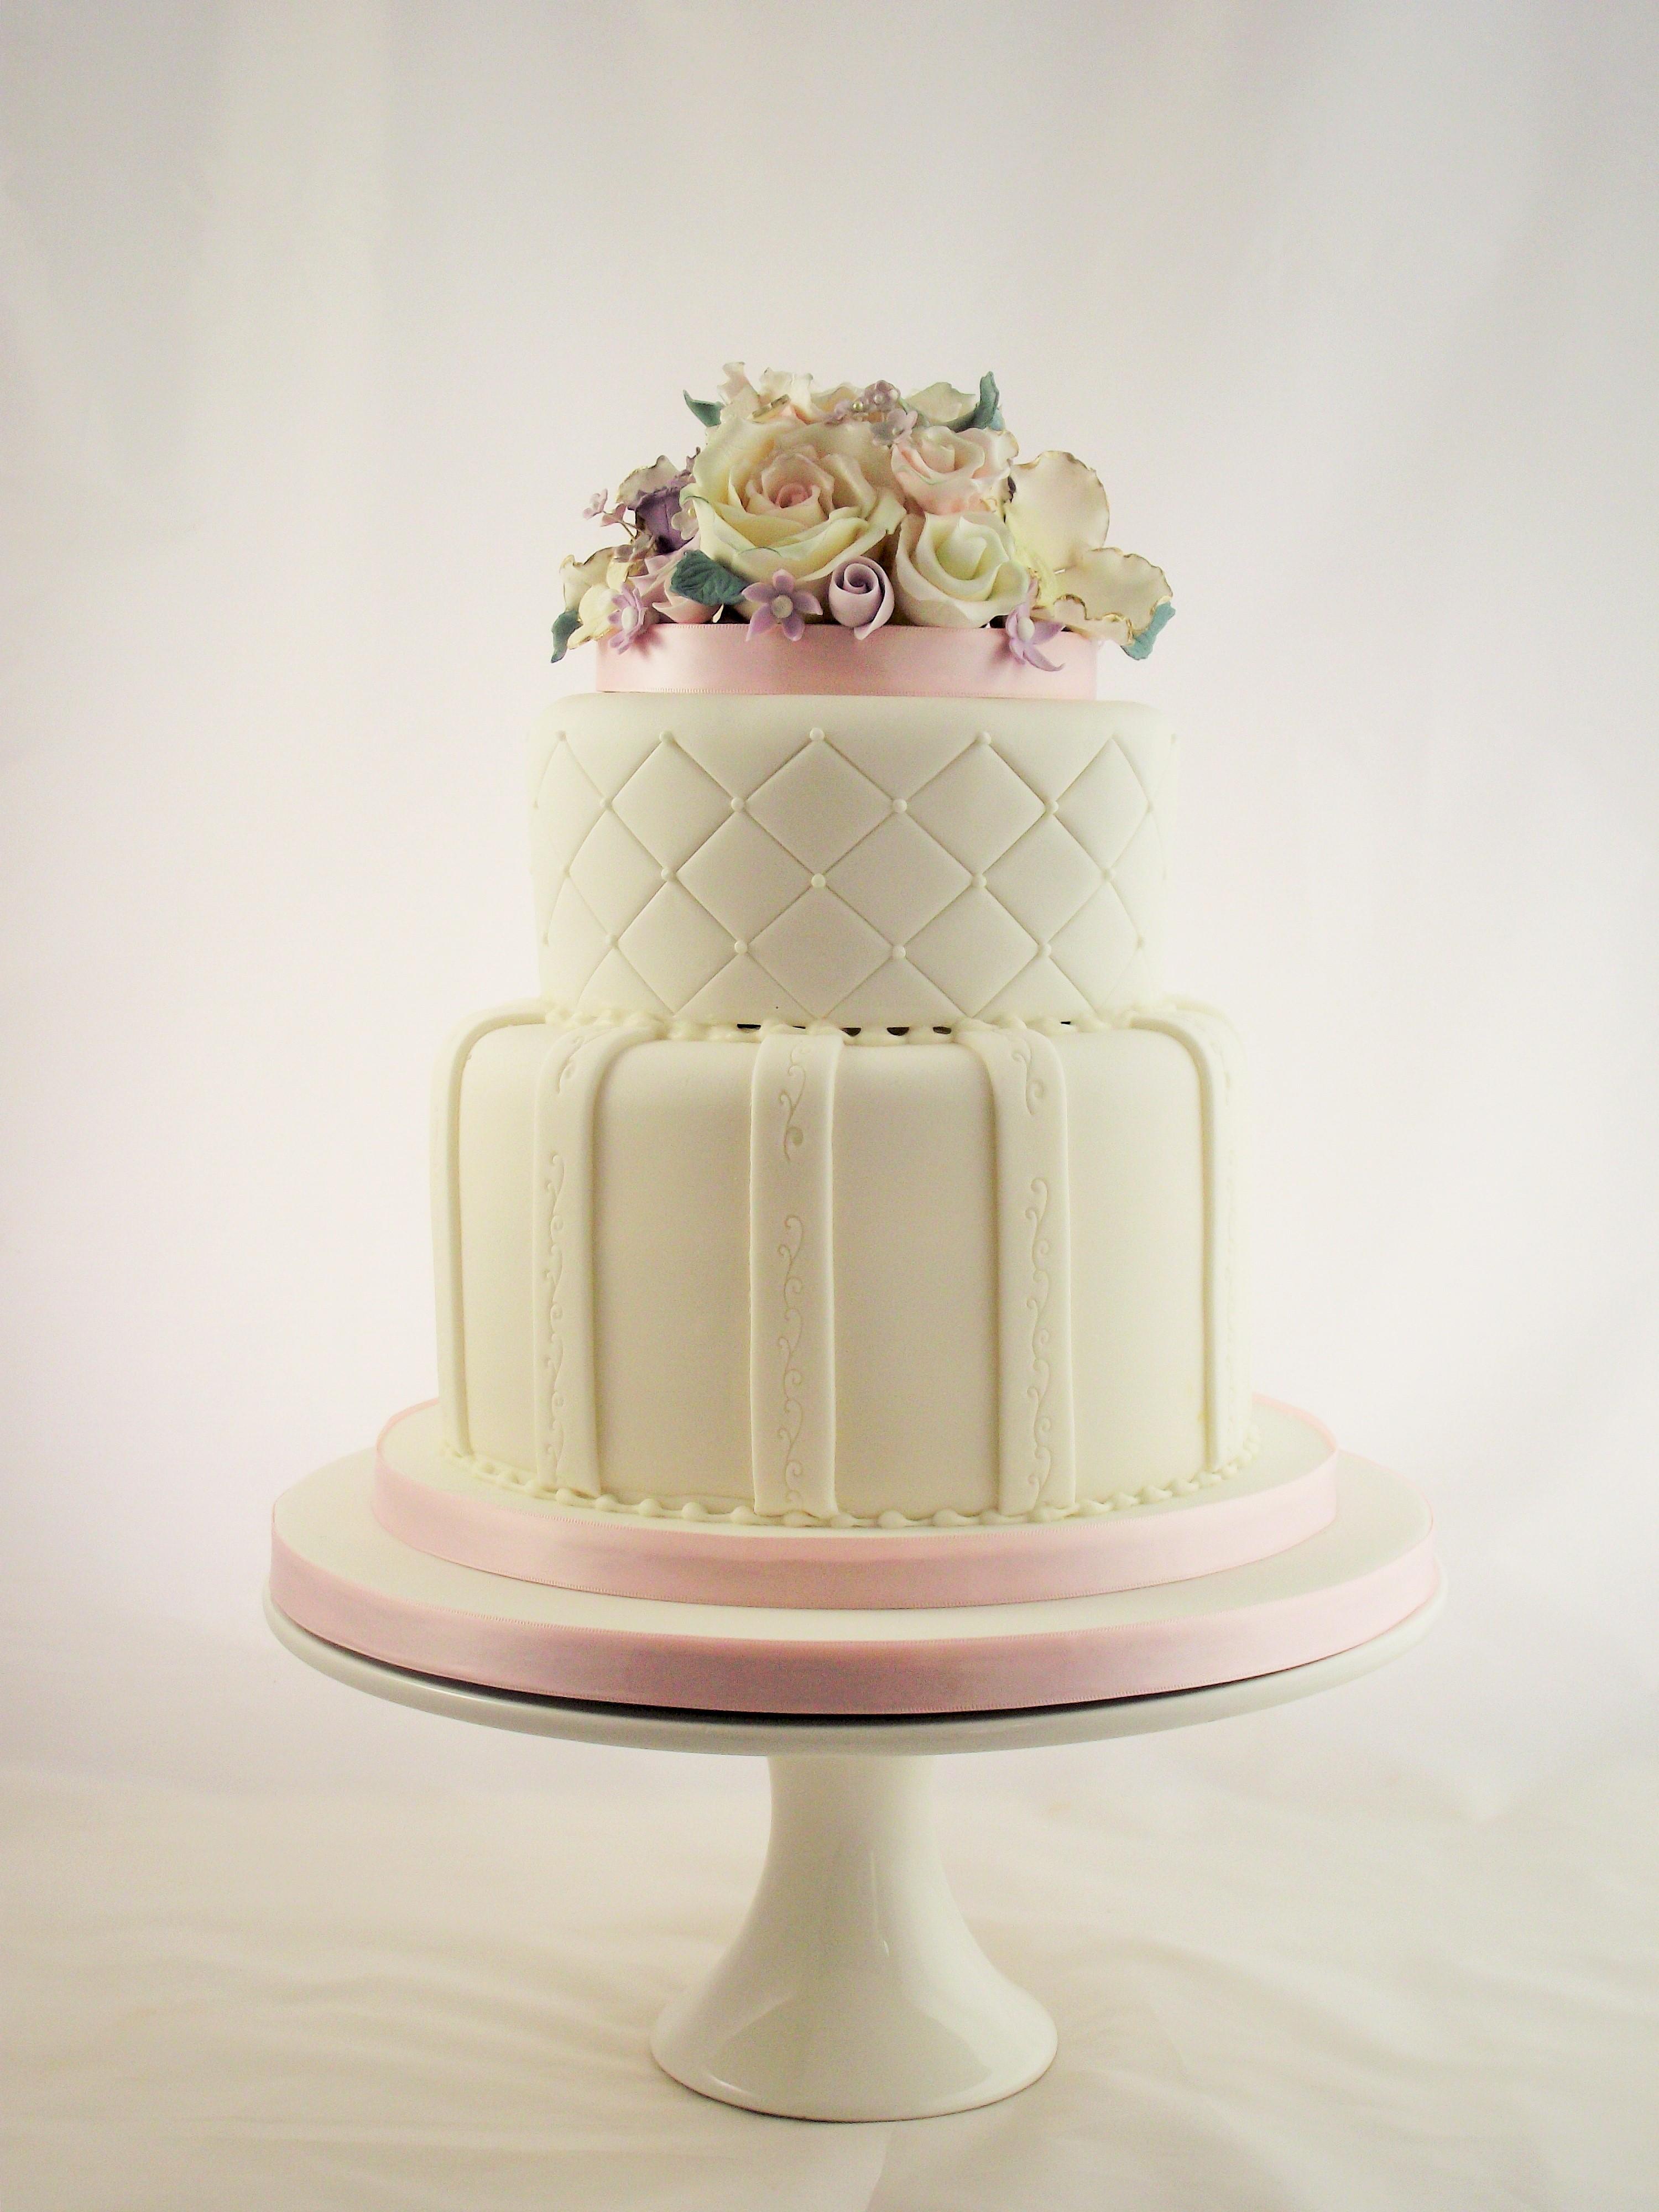 Enchanting Asda Wedding Cakes Online Collection - The Wedding Ideas ...